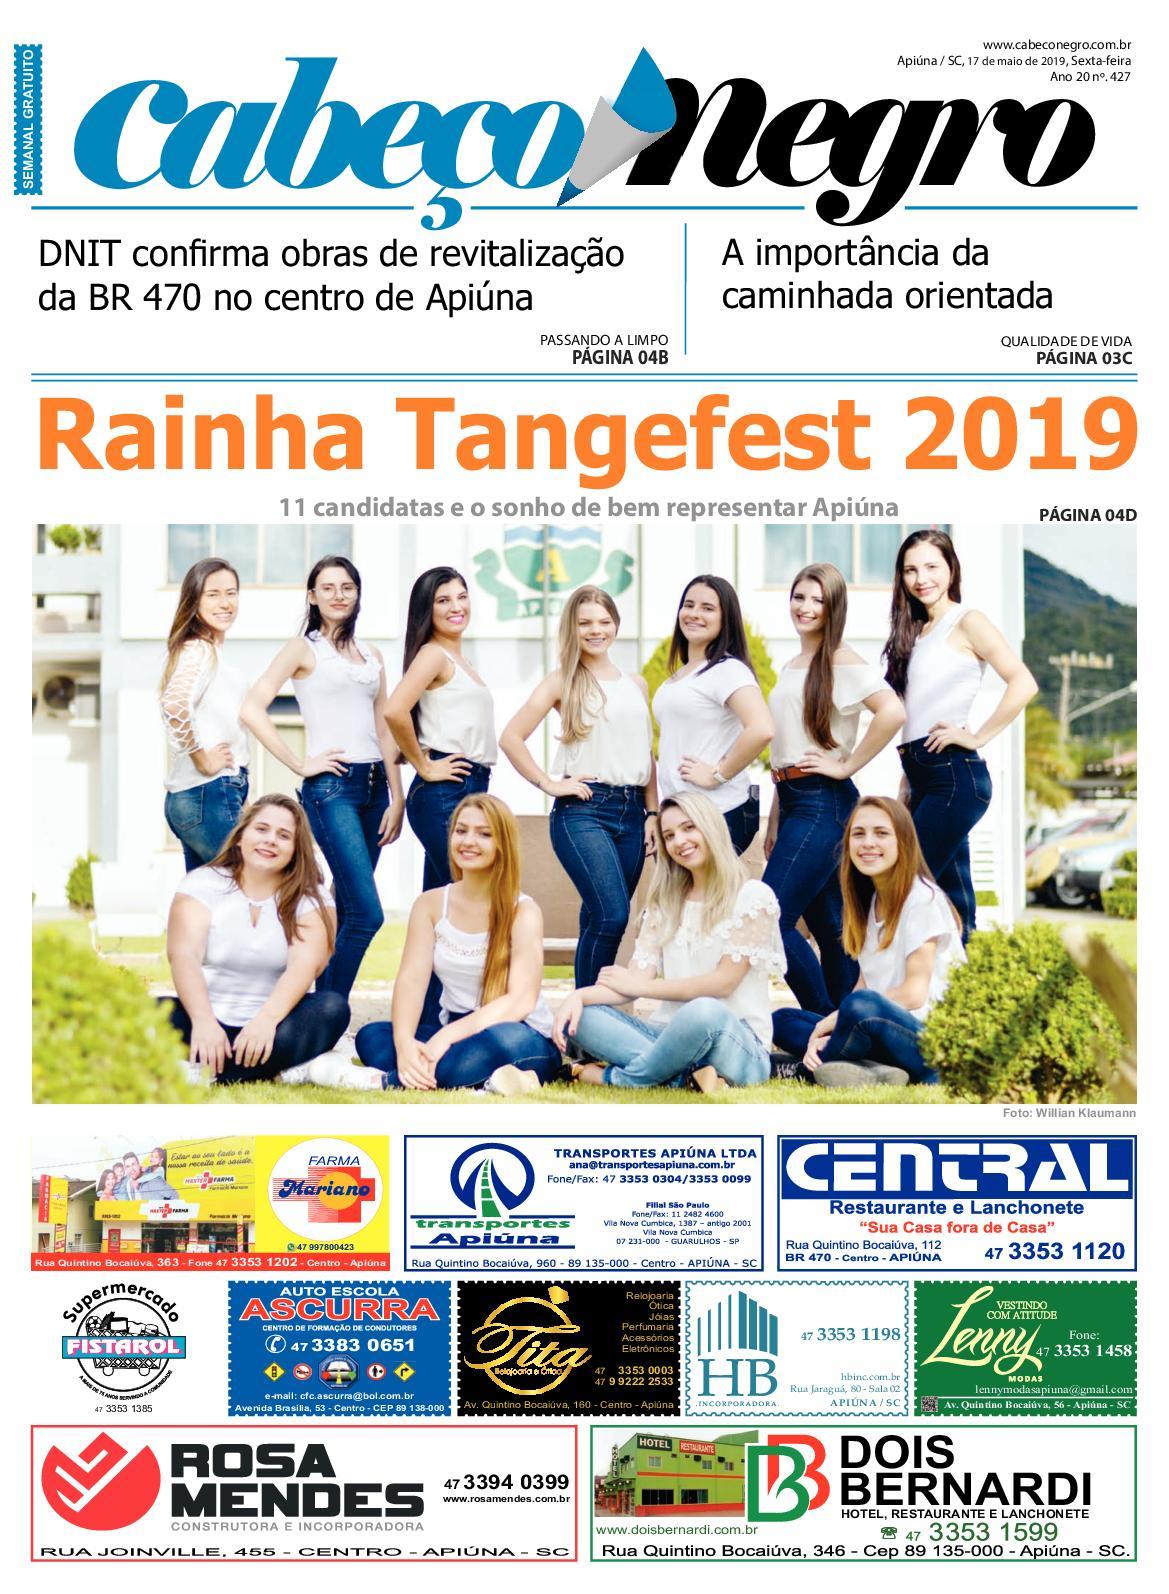 EDIÇÃO 427 - 17MAI2019